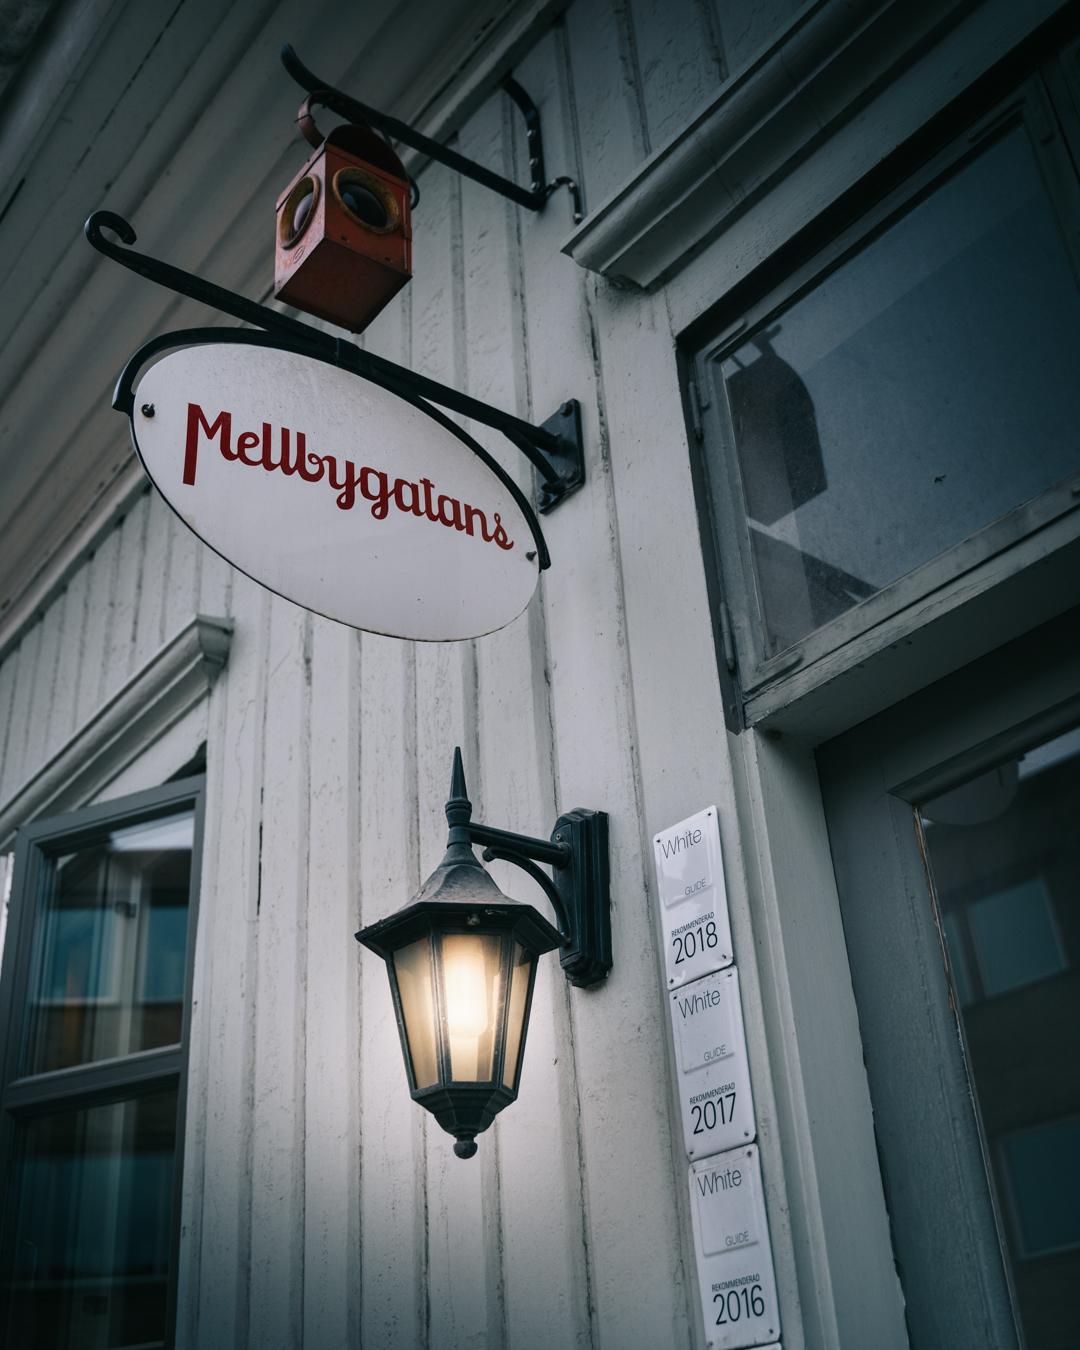 mellbygatan lidköping